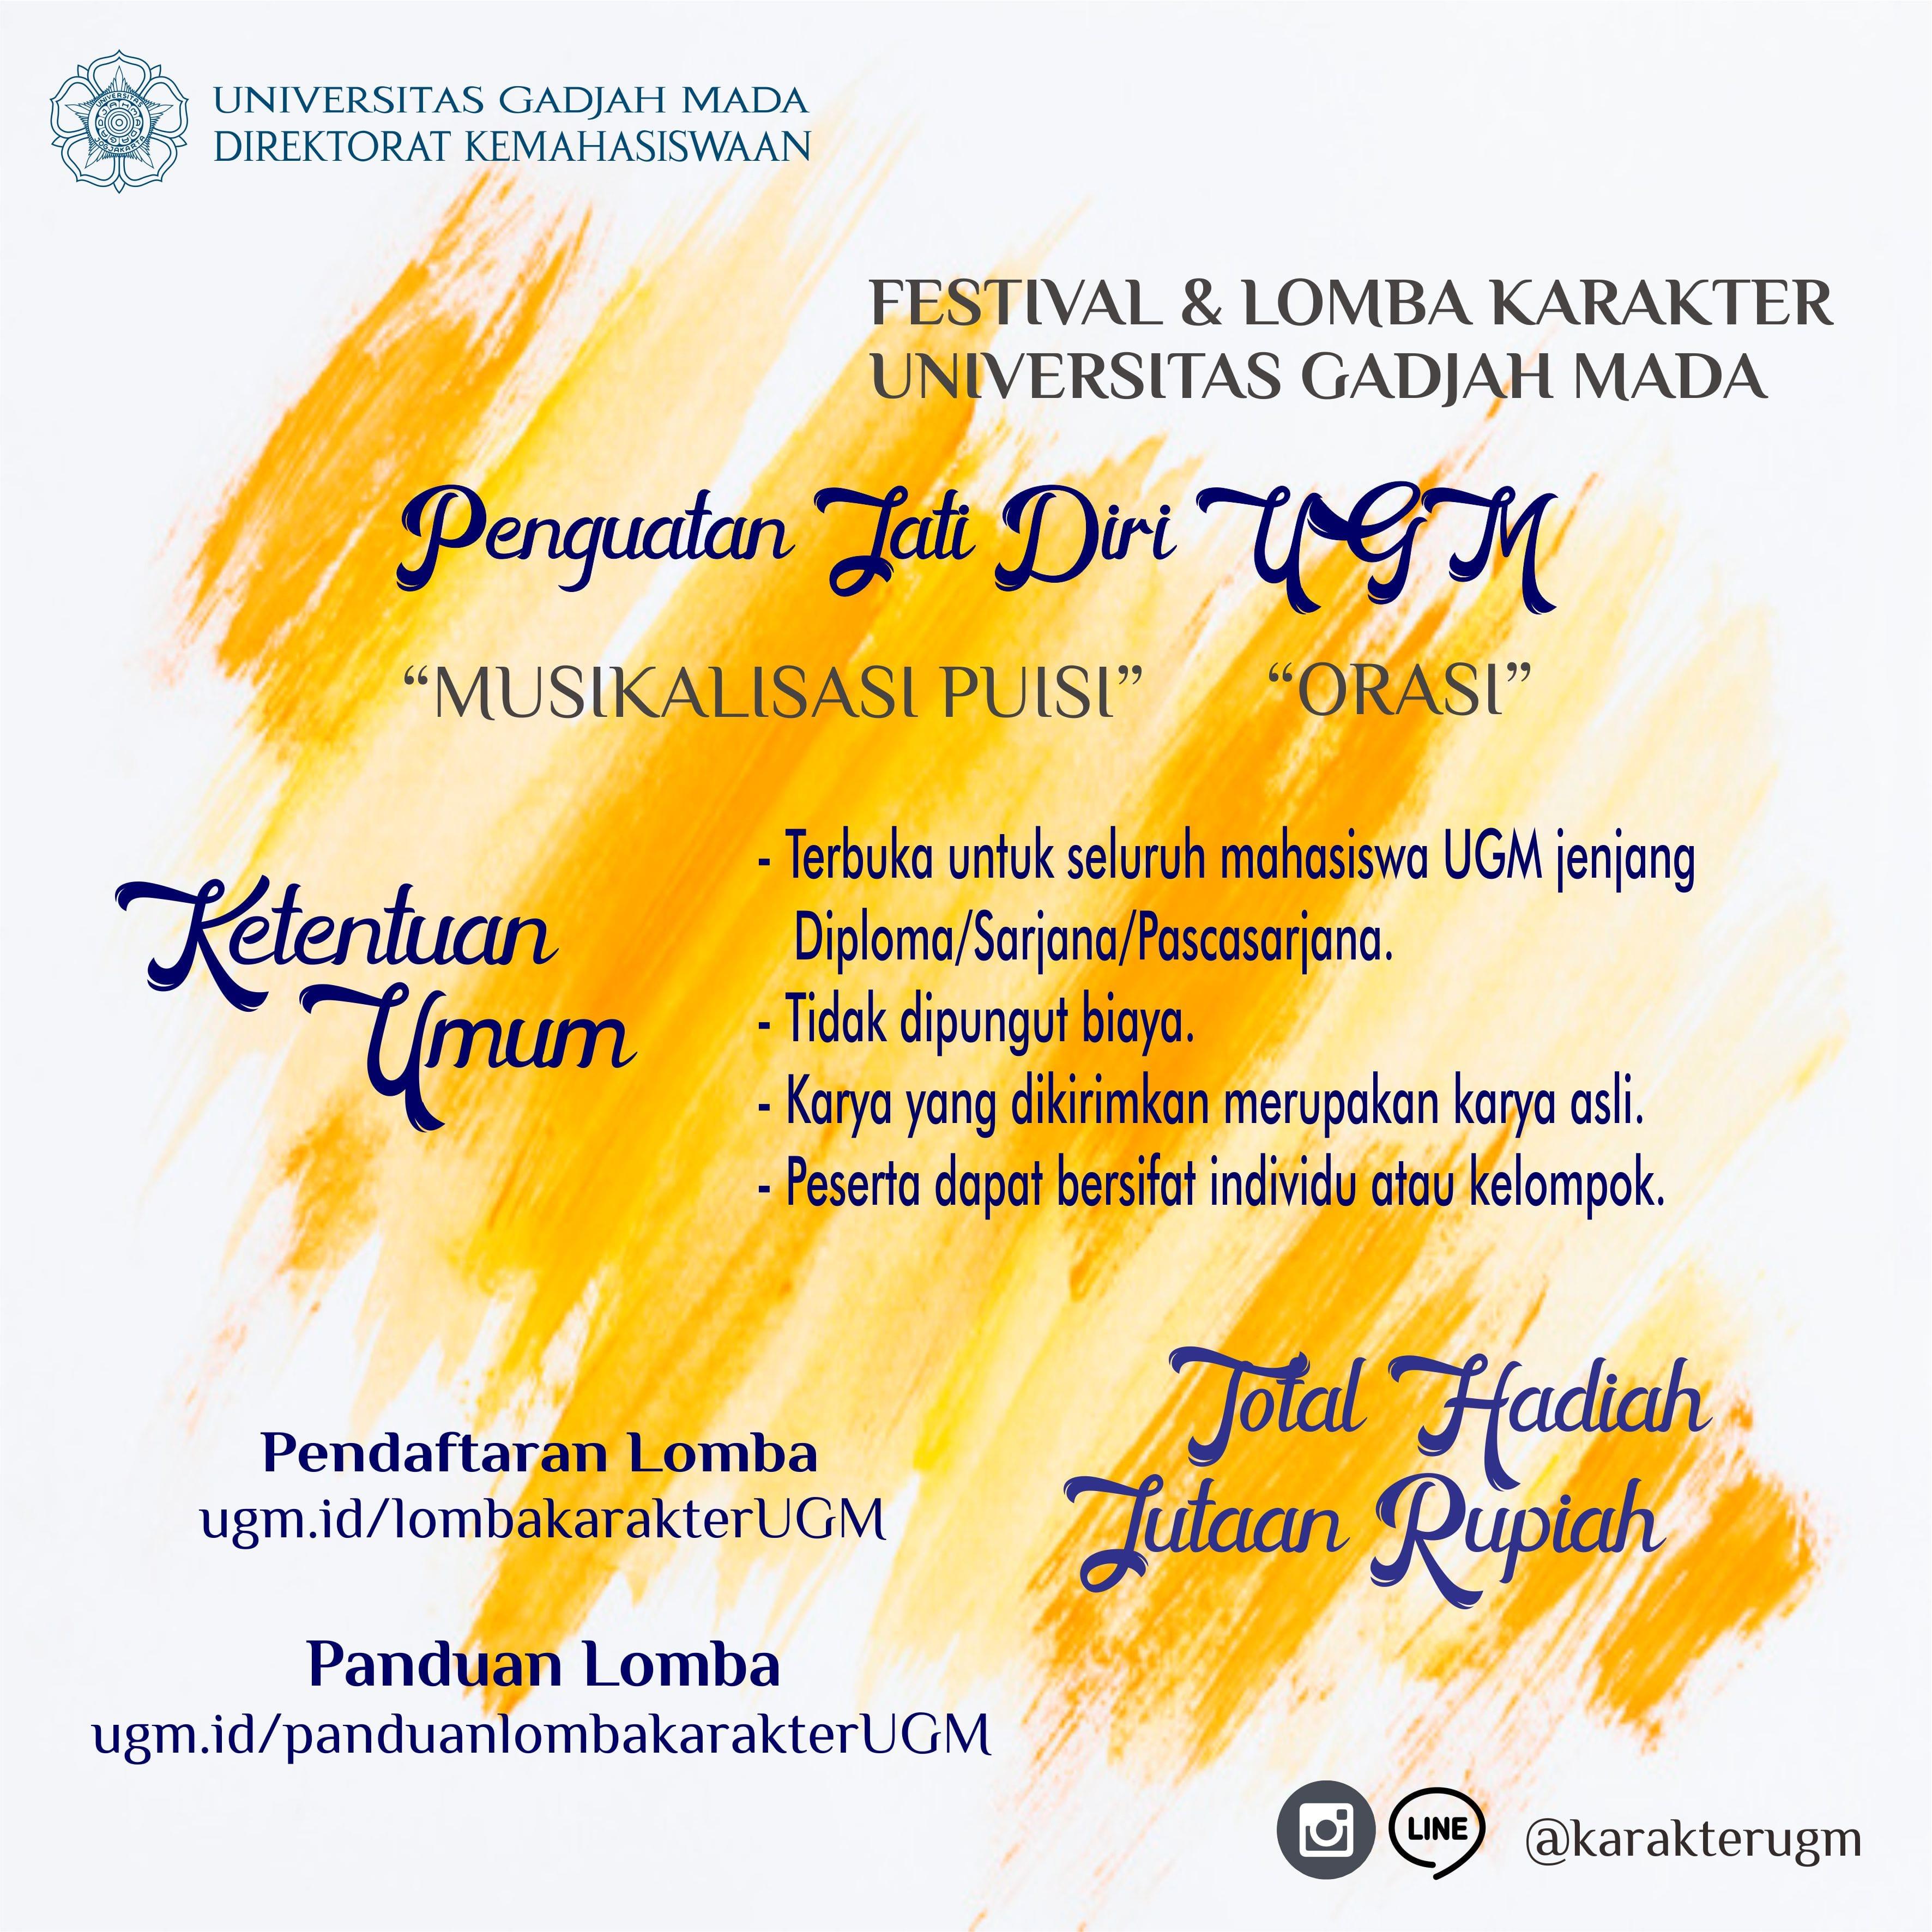 FESTIVAL DAN LOMBA KARAKTER UNIVERSITAS GADJAH MADA